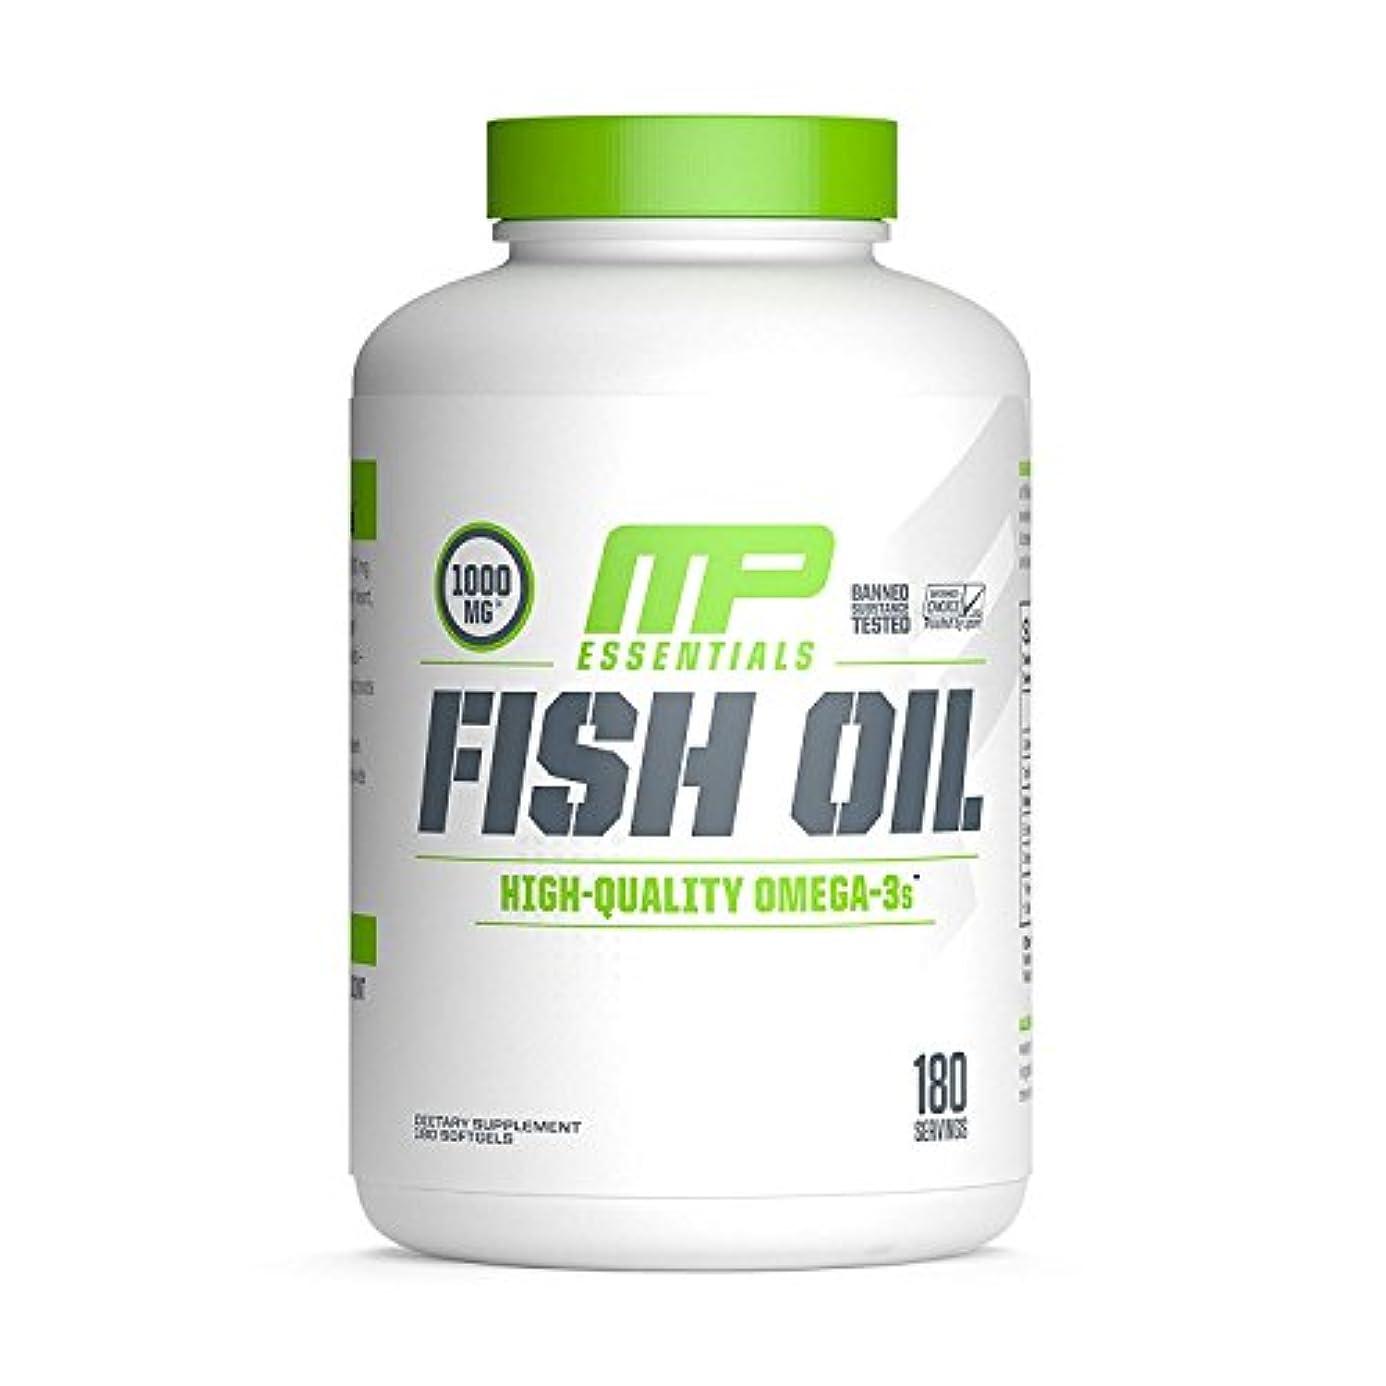 書き出す素朴なジャム海外直送品 MusclePharm, Fish Oil Essentials 180 Servings [並行輸入品]